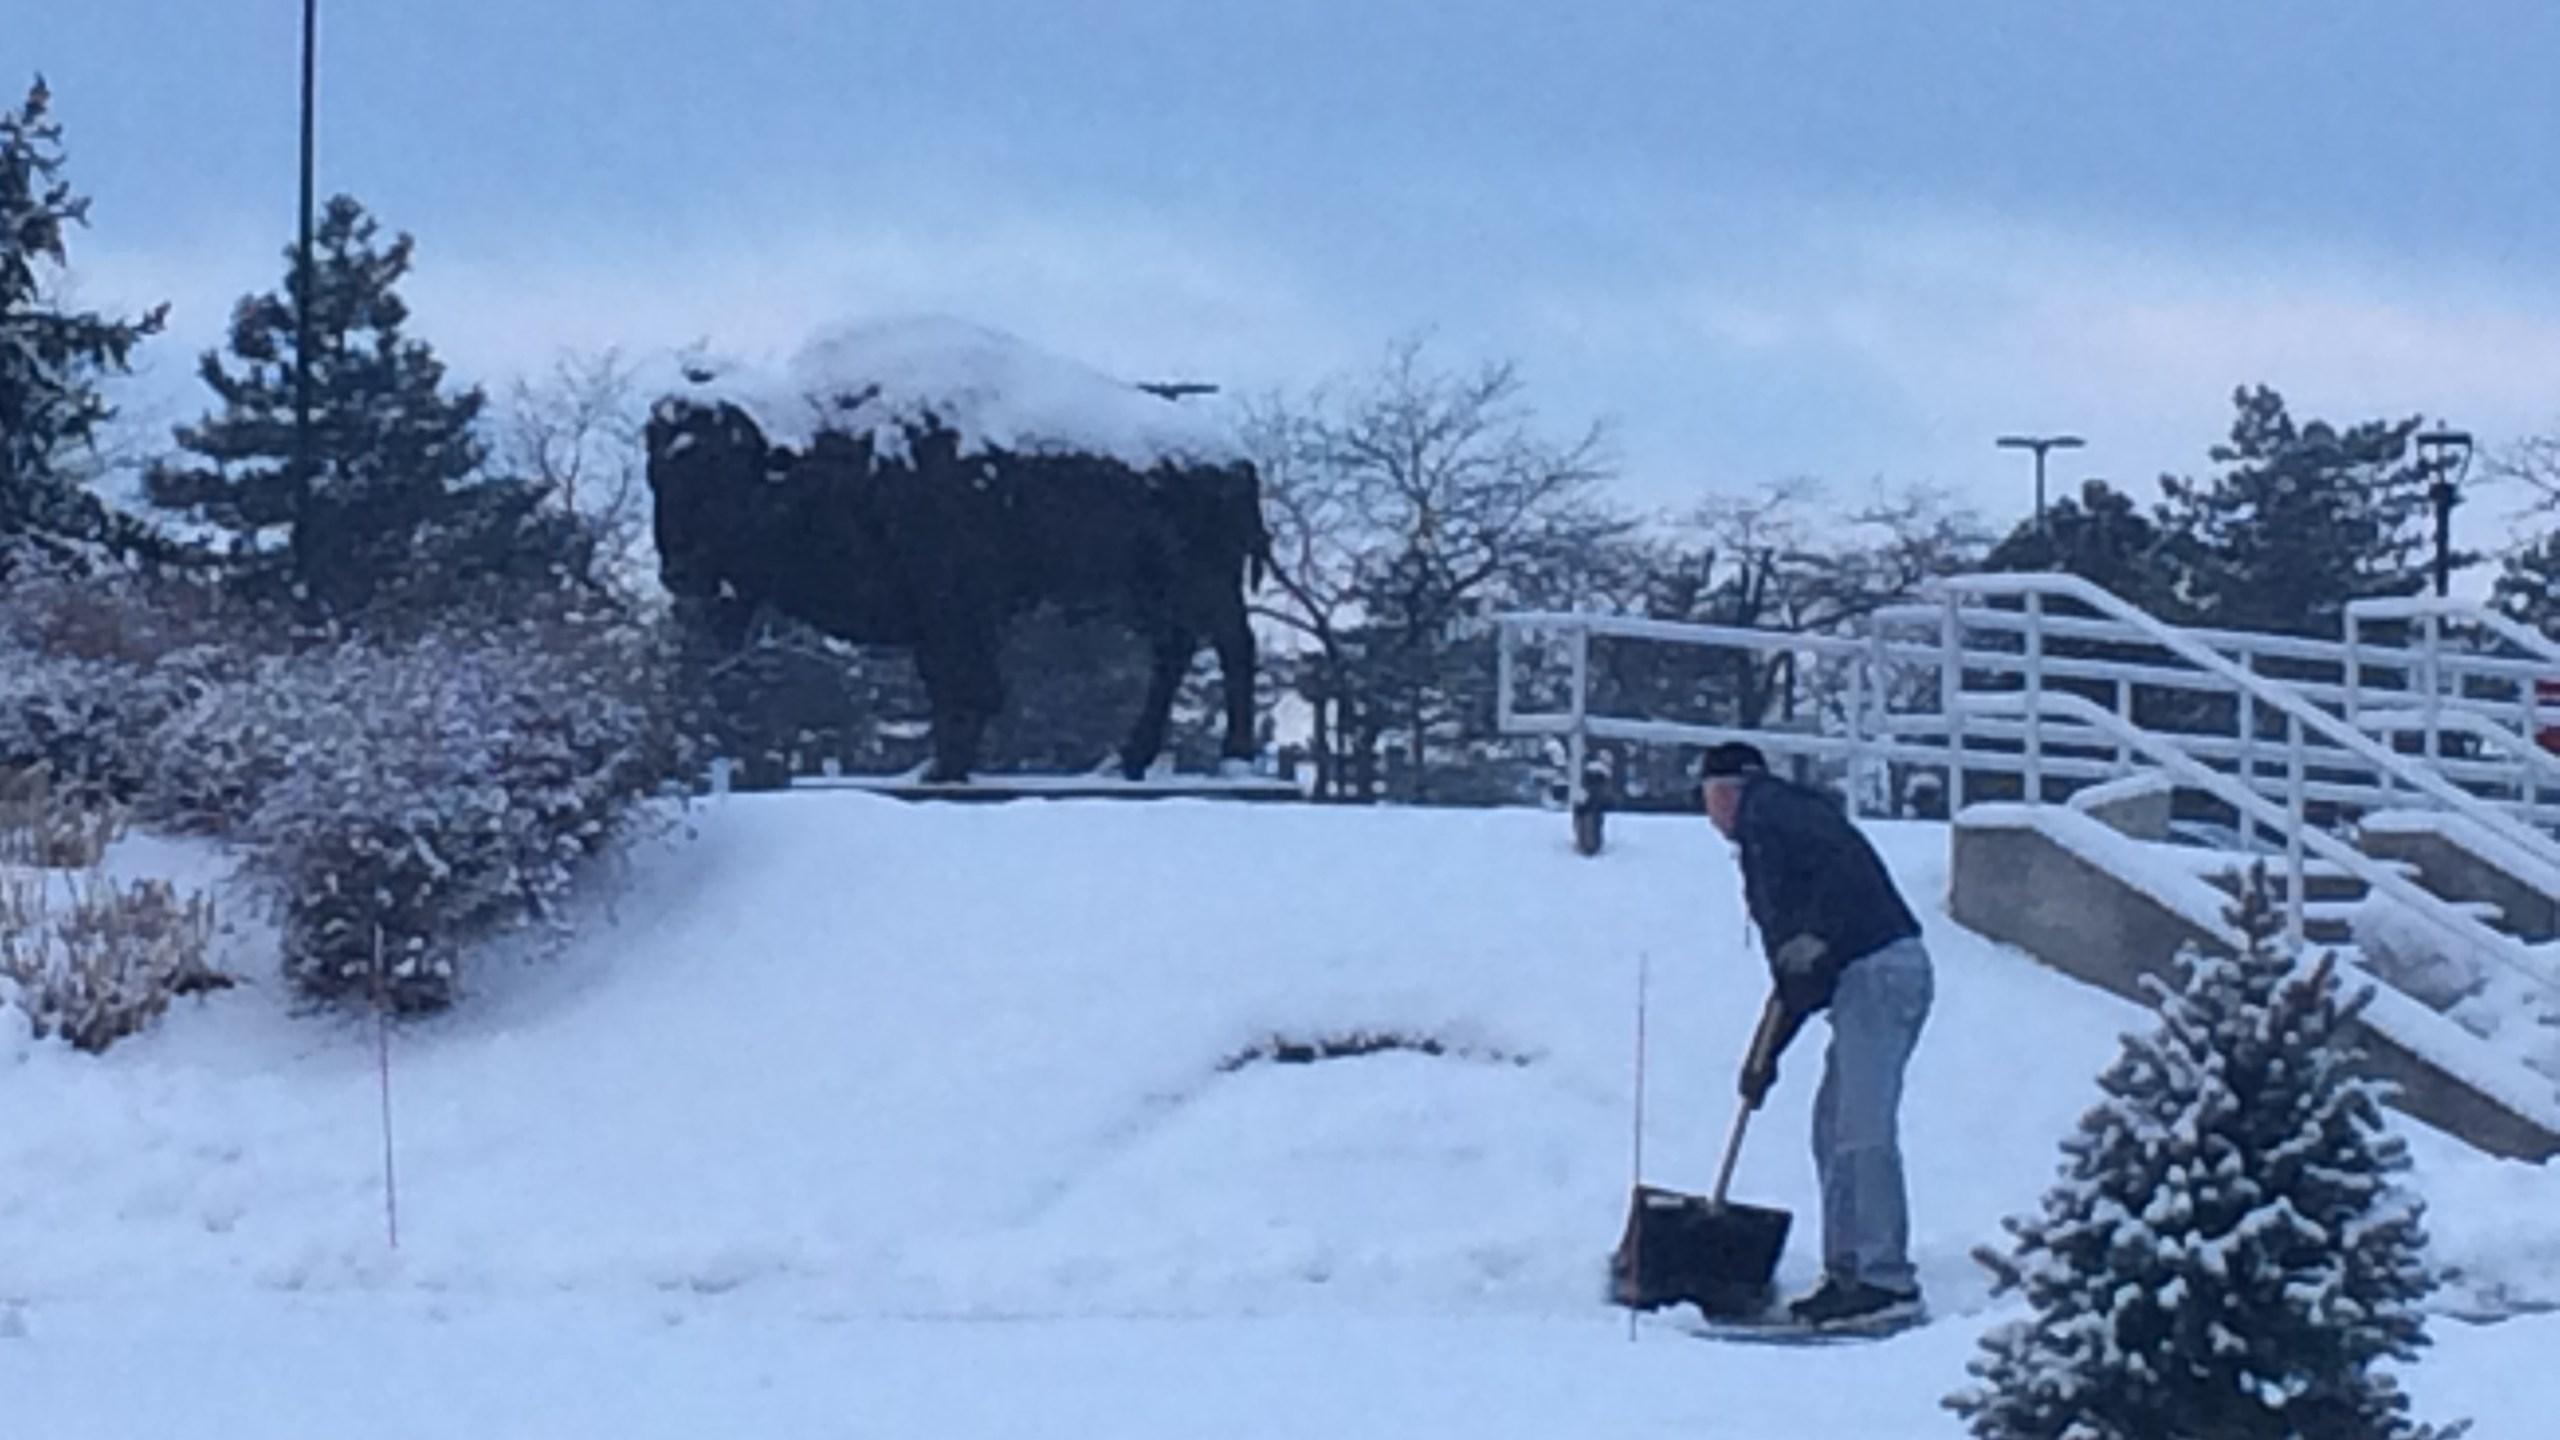 ub snow 3-13-18_1520957836365.JPG.jpg